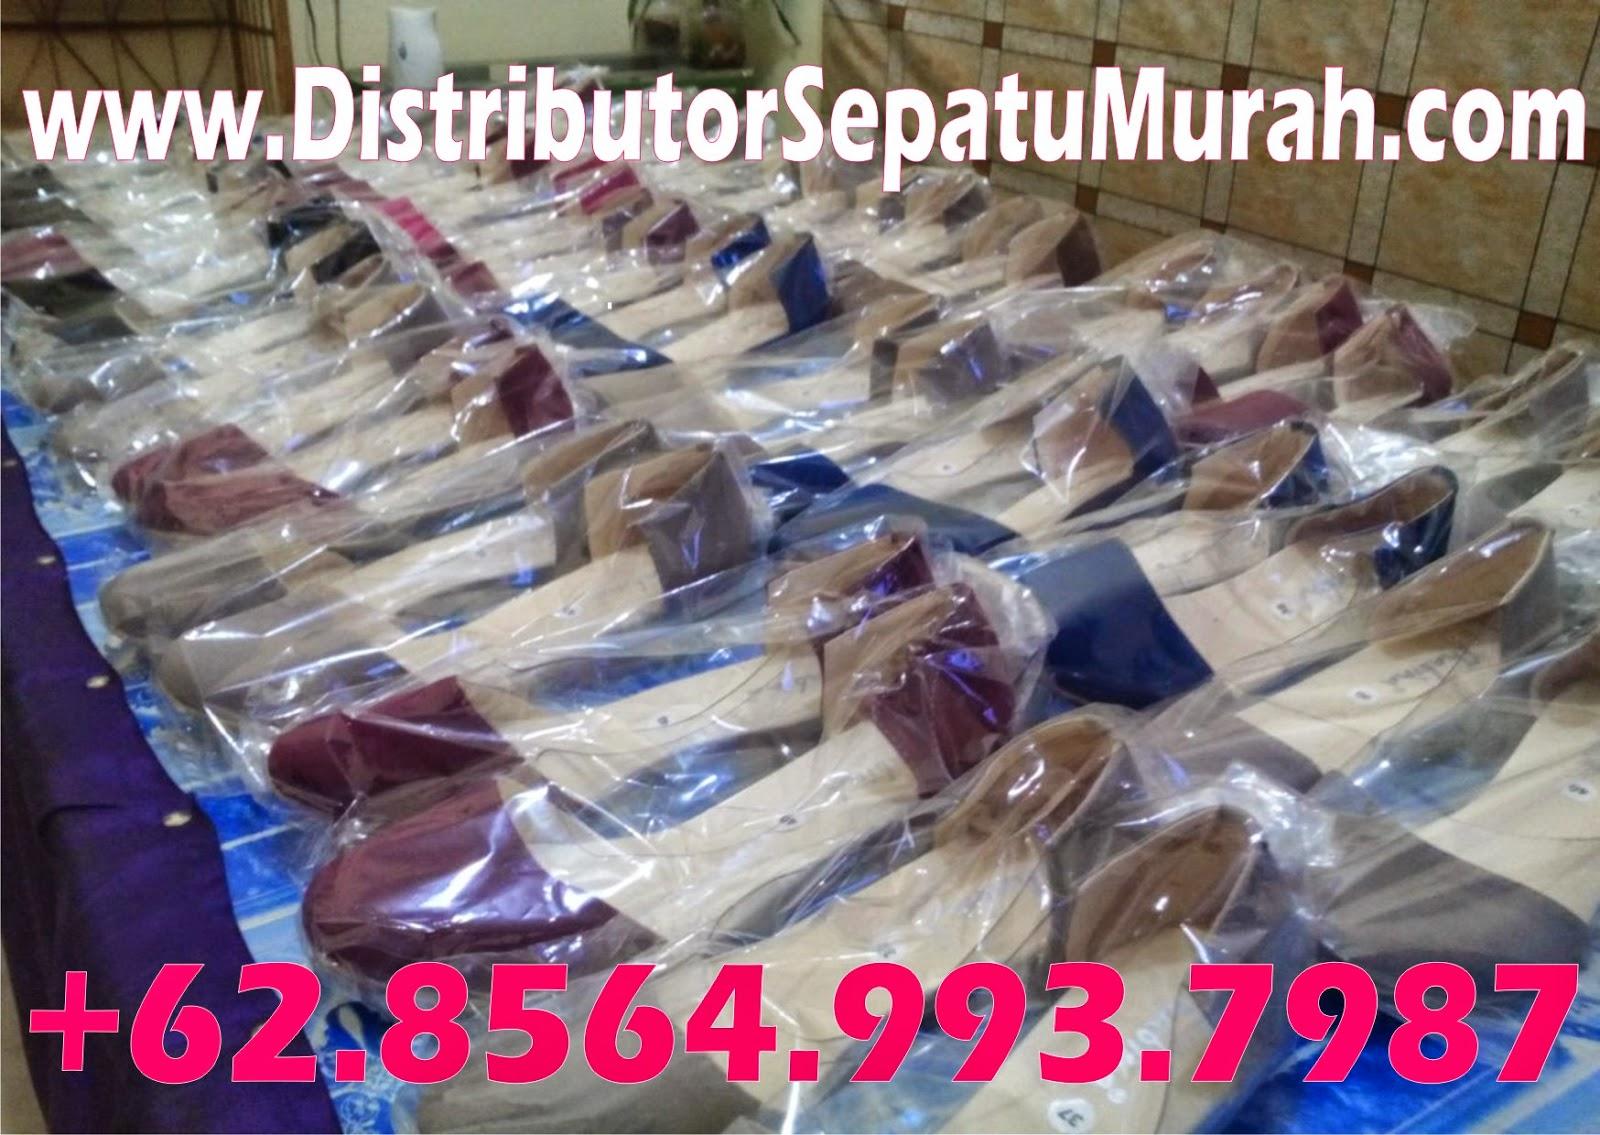 Kasut Baby Murah, Kasut Wanita Murah, Pemborong Kasut Murah, www.distributorsepatumurah.com